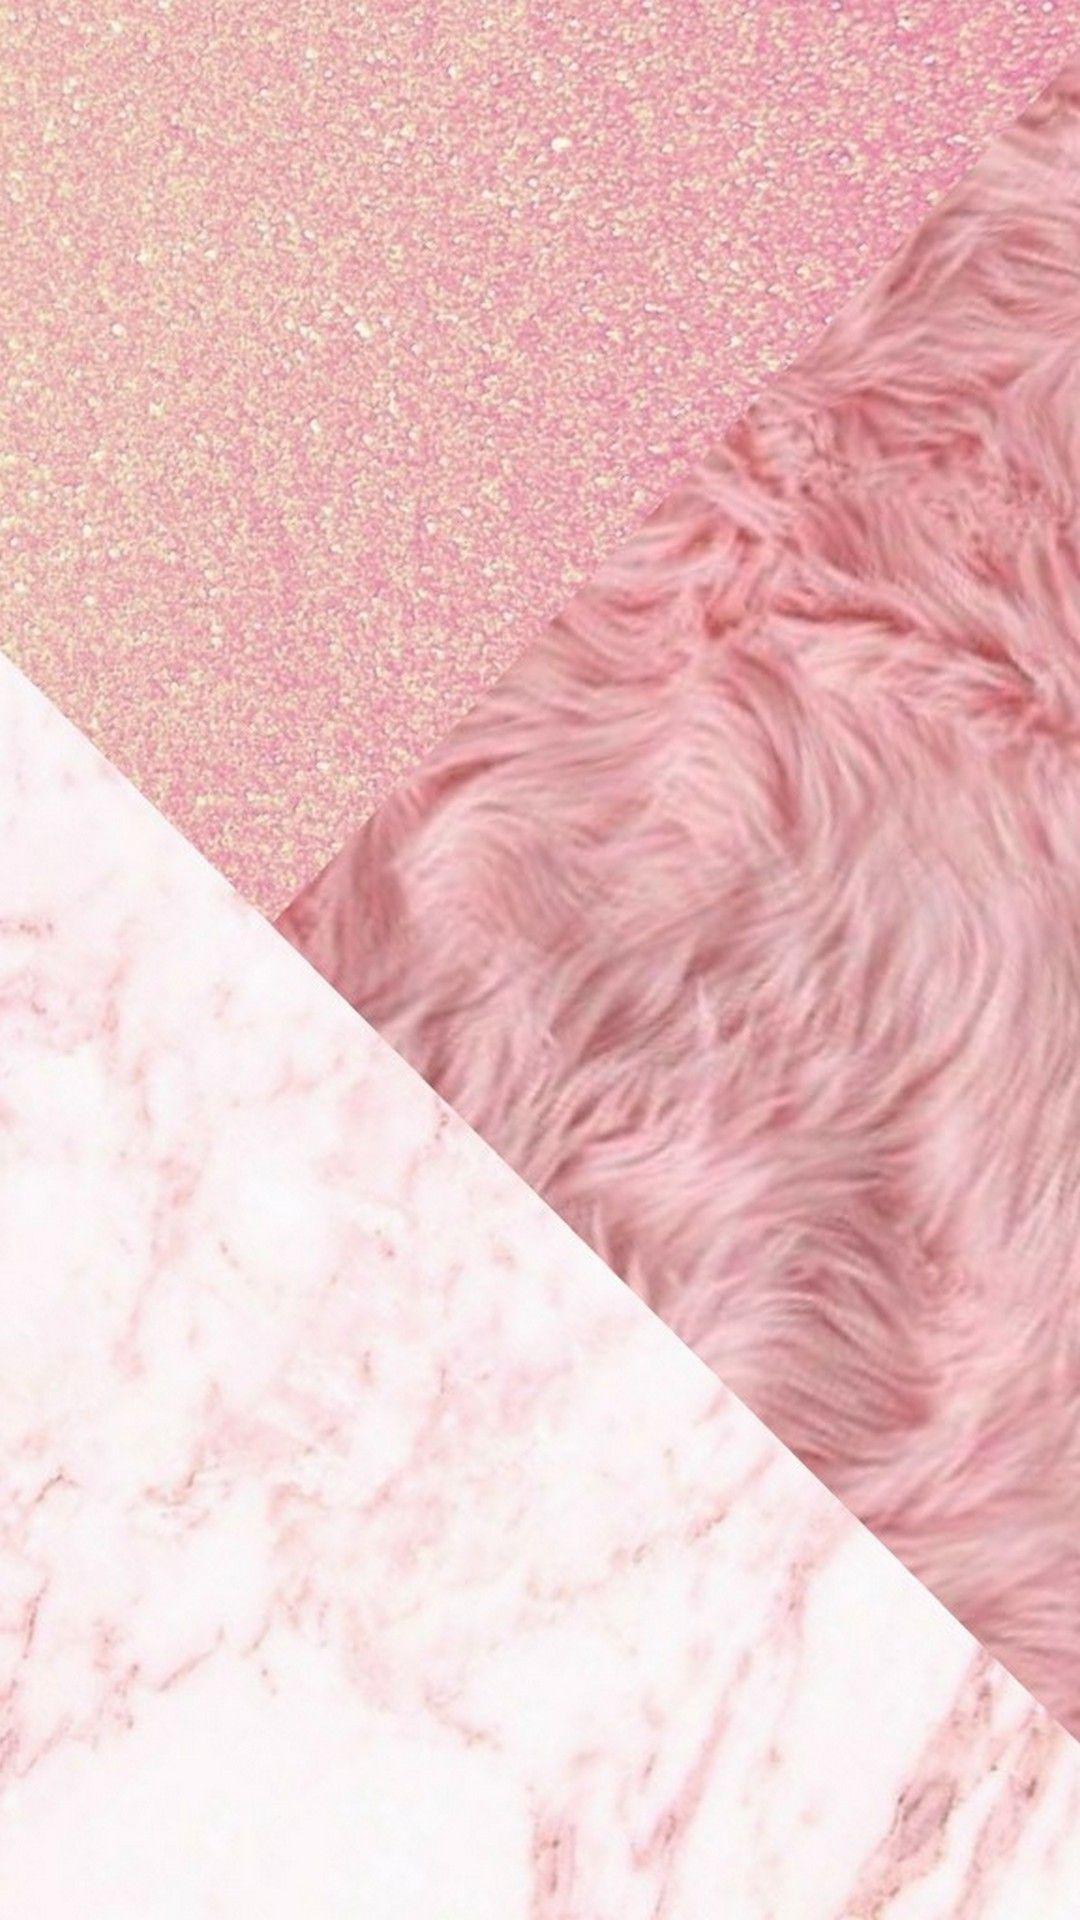 Wallpaper iPhone Rose Gold Glitter - 2018 iPhone Wallpapers | Duvar kağıtları | Pinterest ...